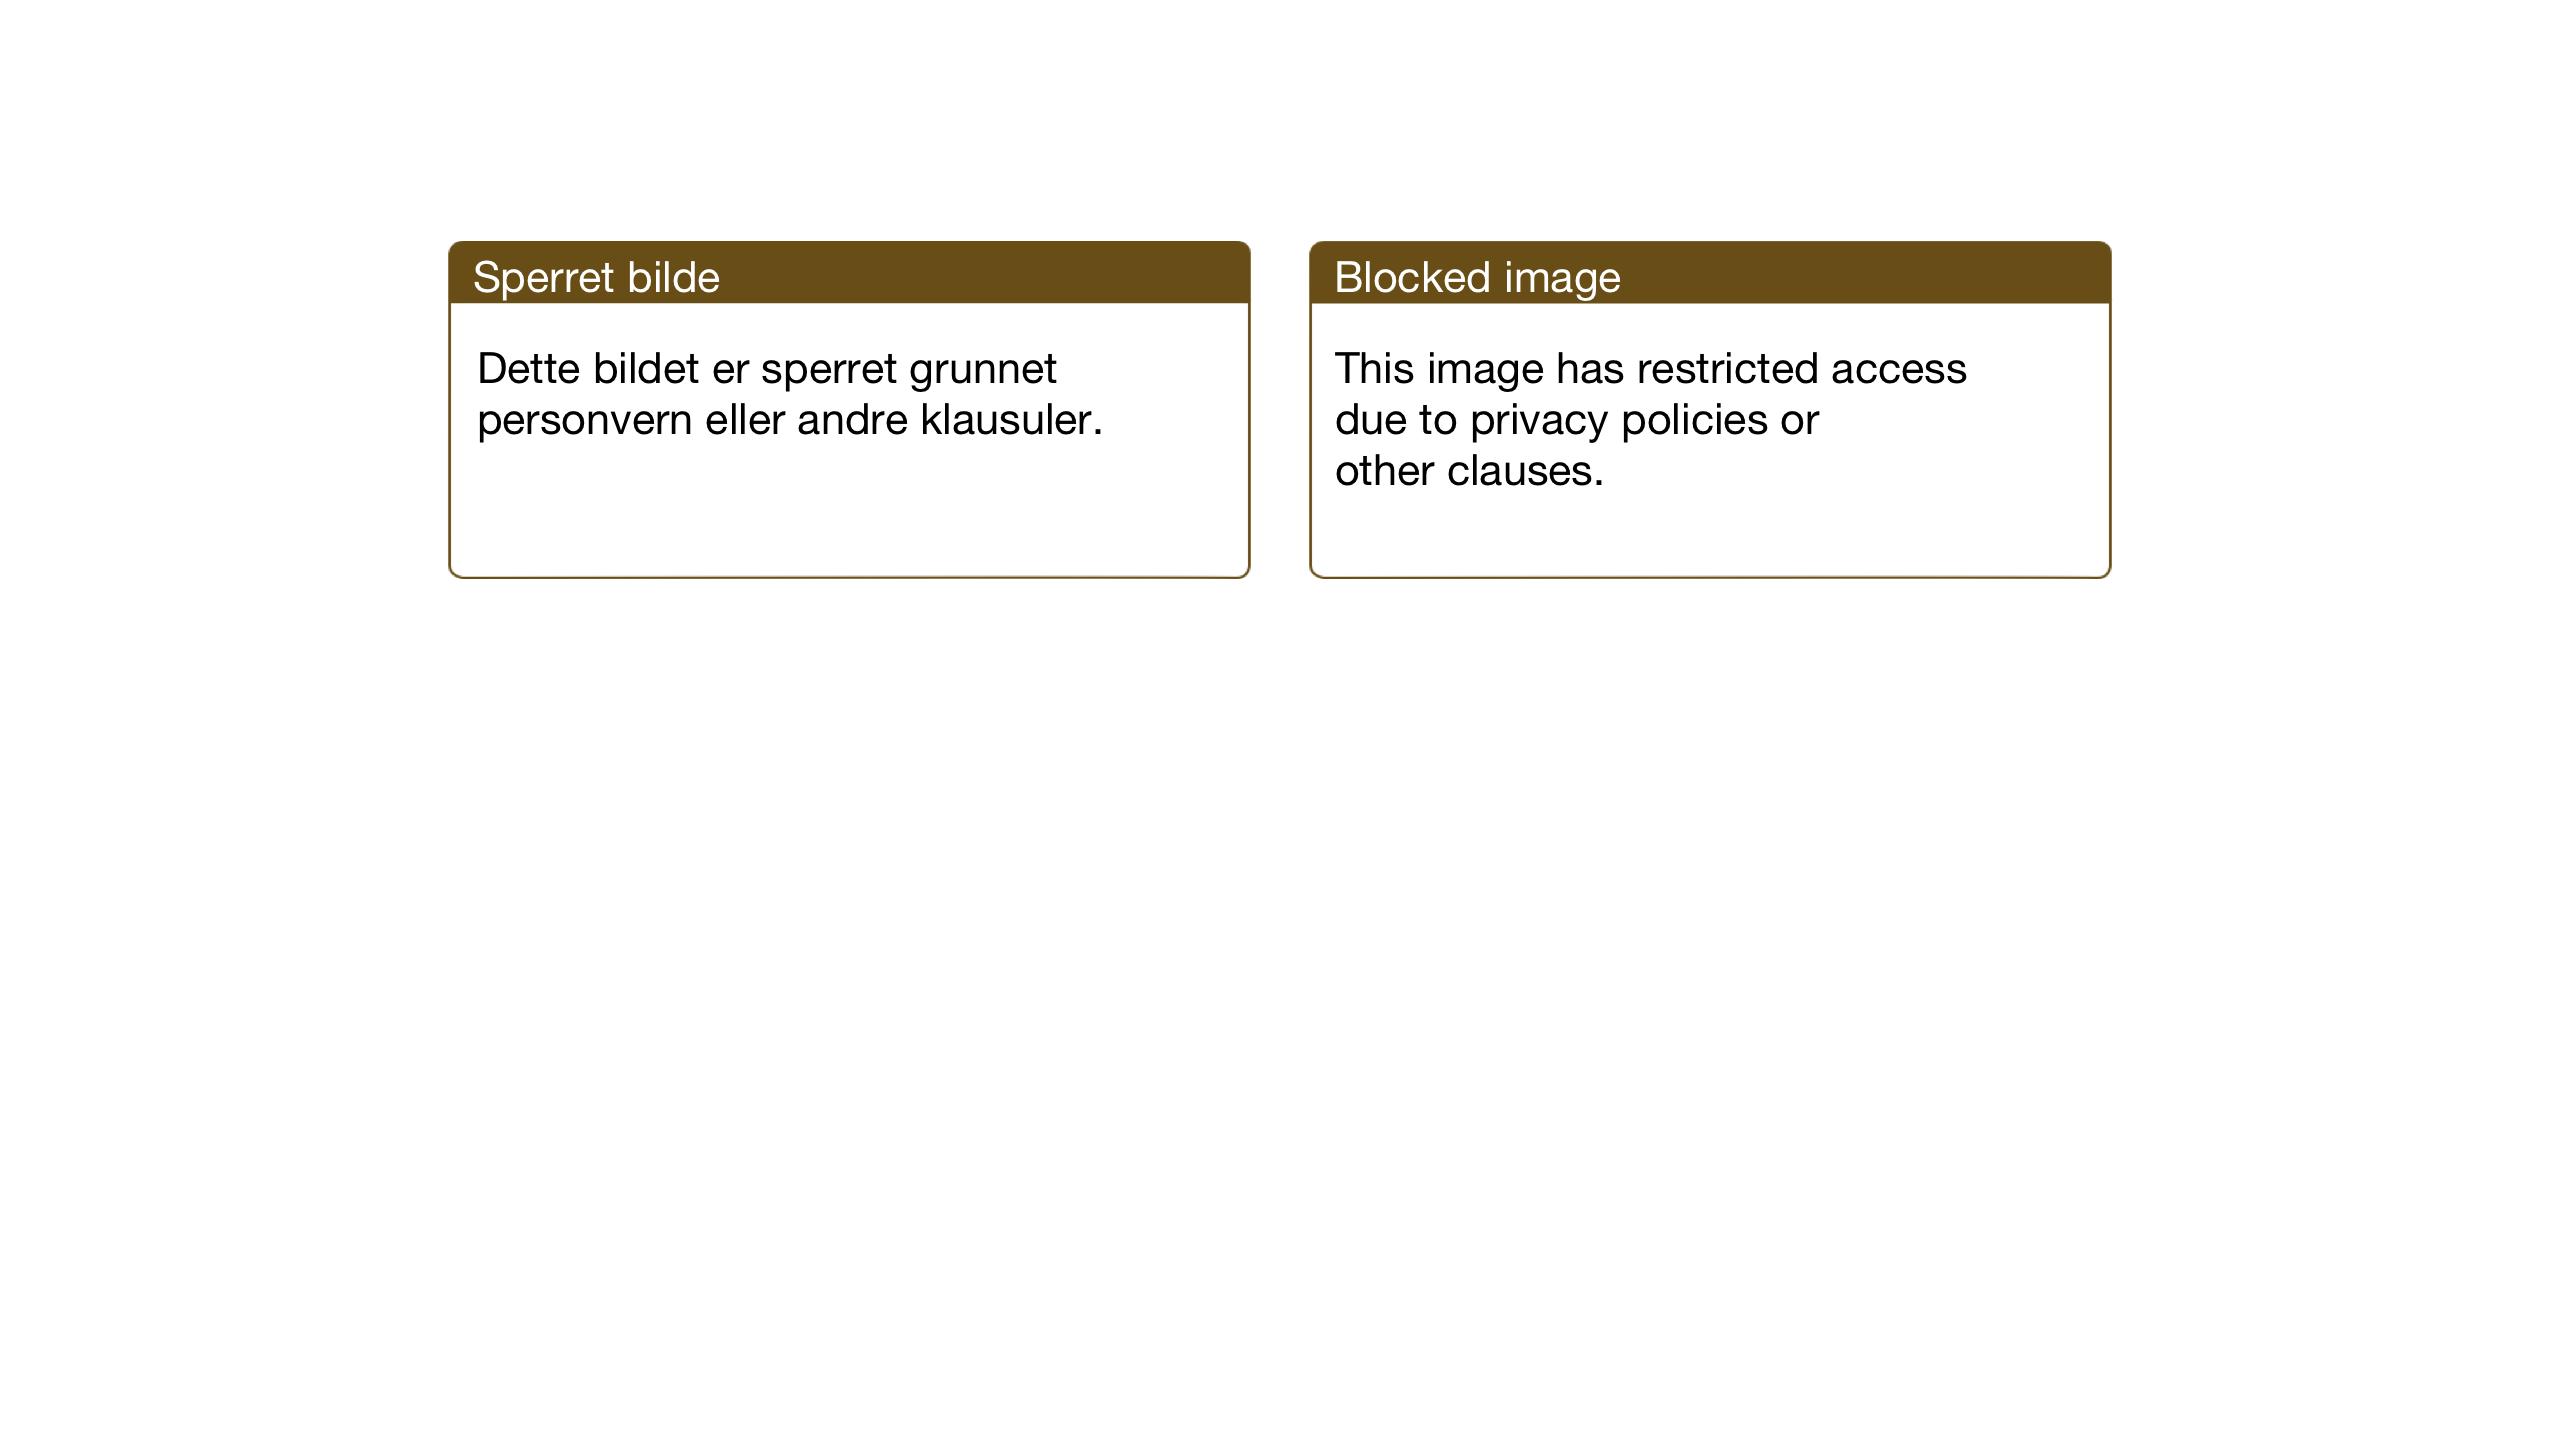 SAT, Ministerialprotokoller, klokkerbøker og fødselsregistre - Nord-Trøndelag, 784/L0678: Ministerialbok nr. 784A13, 1921-1938, s. 70